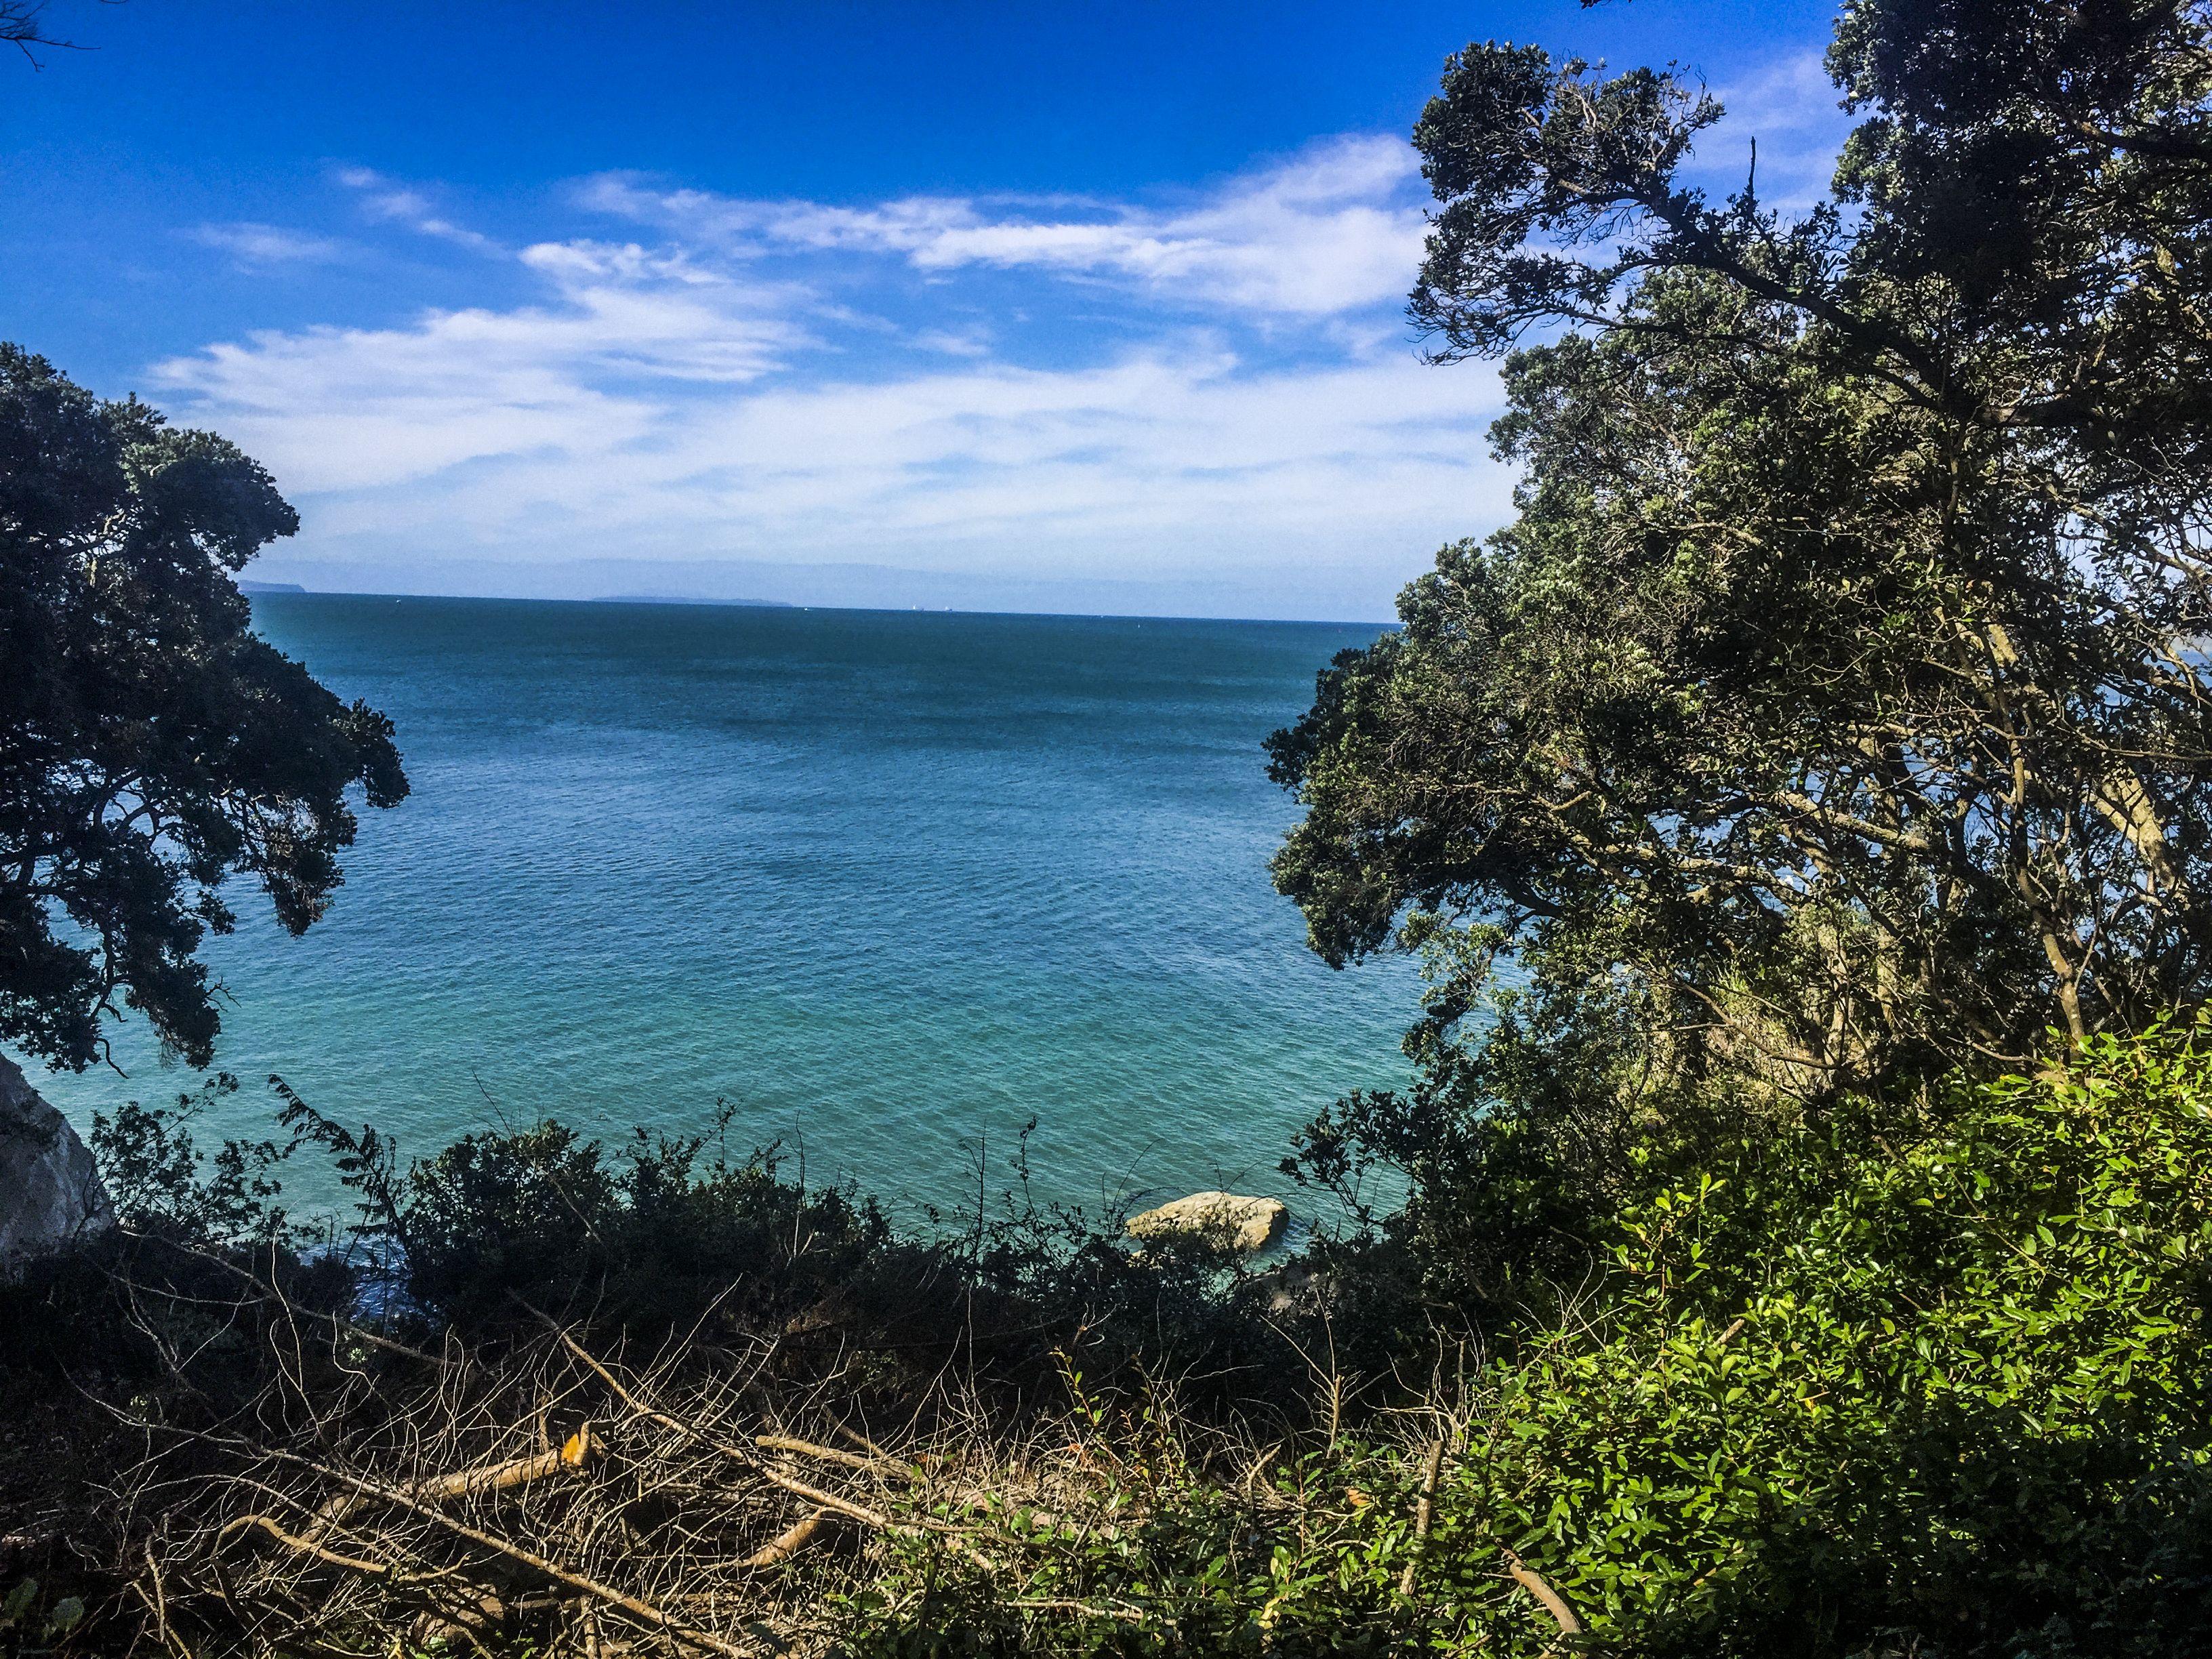 Sea View Scenic Scenic Views Scenery